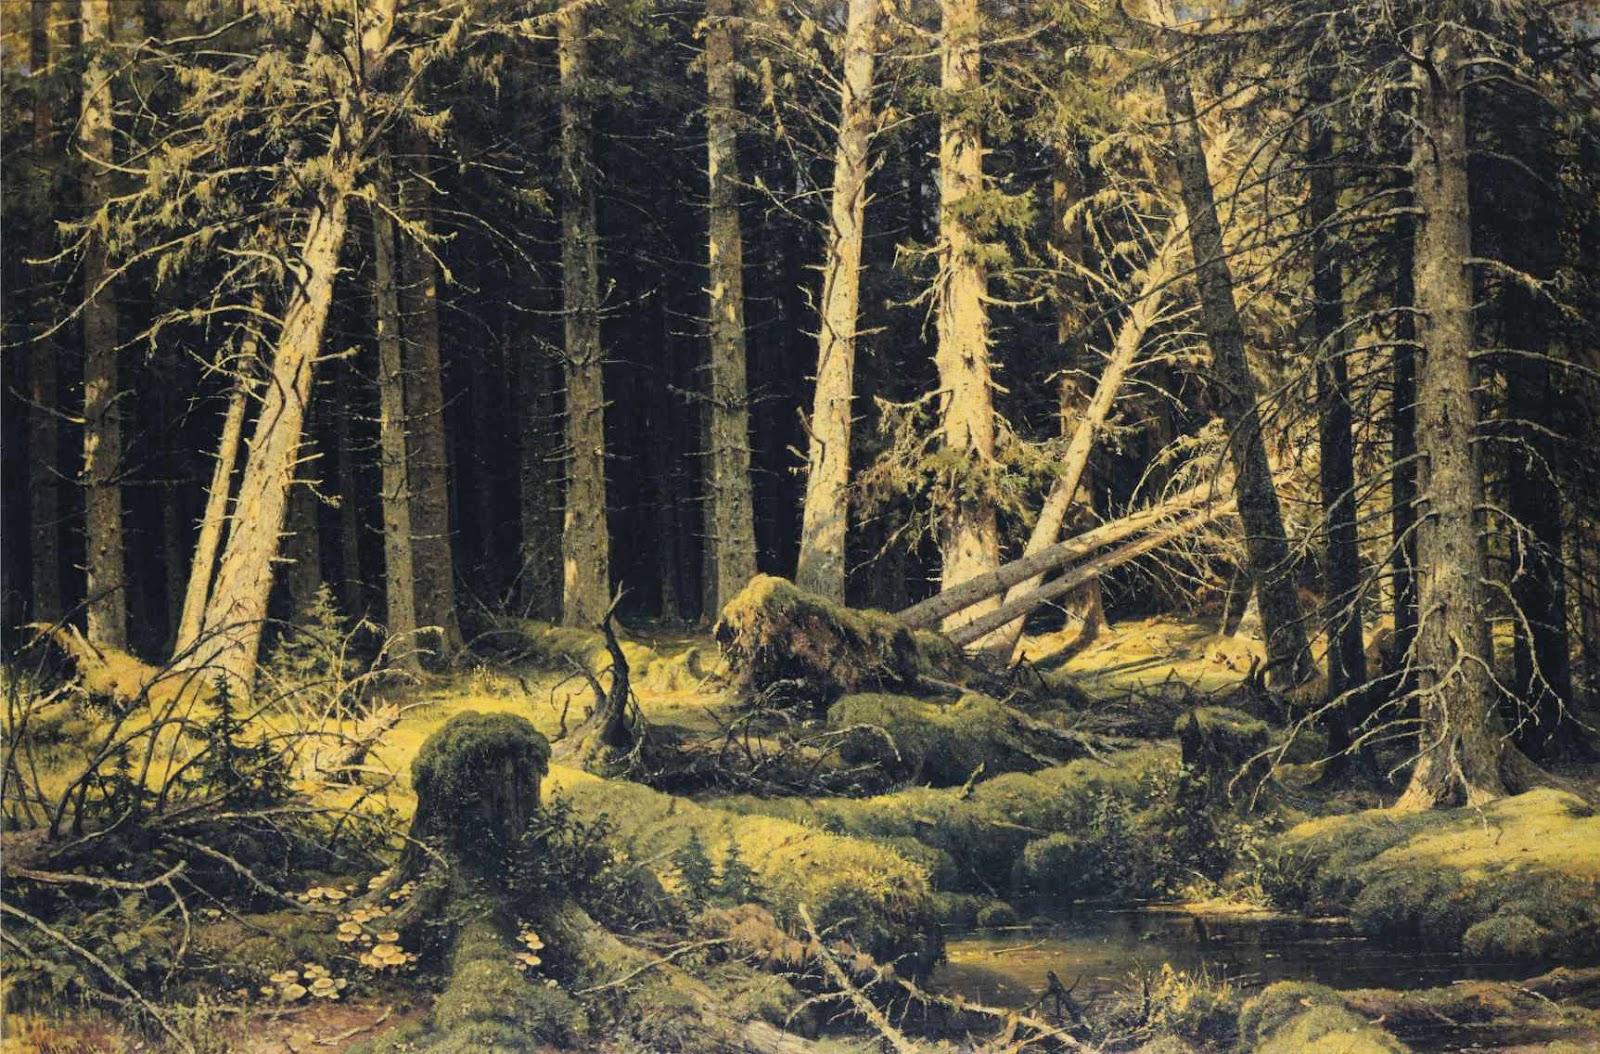 ivan shishkin Ivan ivanovich shishkin: russian summer landscape at ostrovki near the neva  river signed shiskin ostrovki (in cyrillic) oil on cardboard 35 x 40 cm.